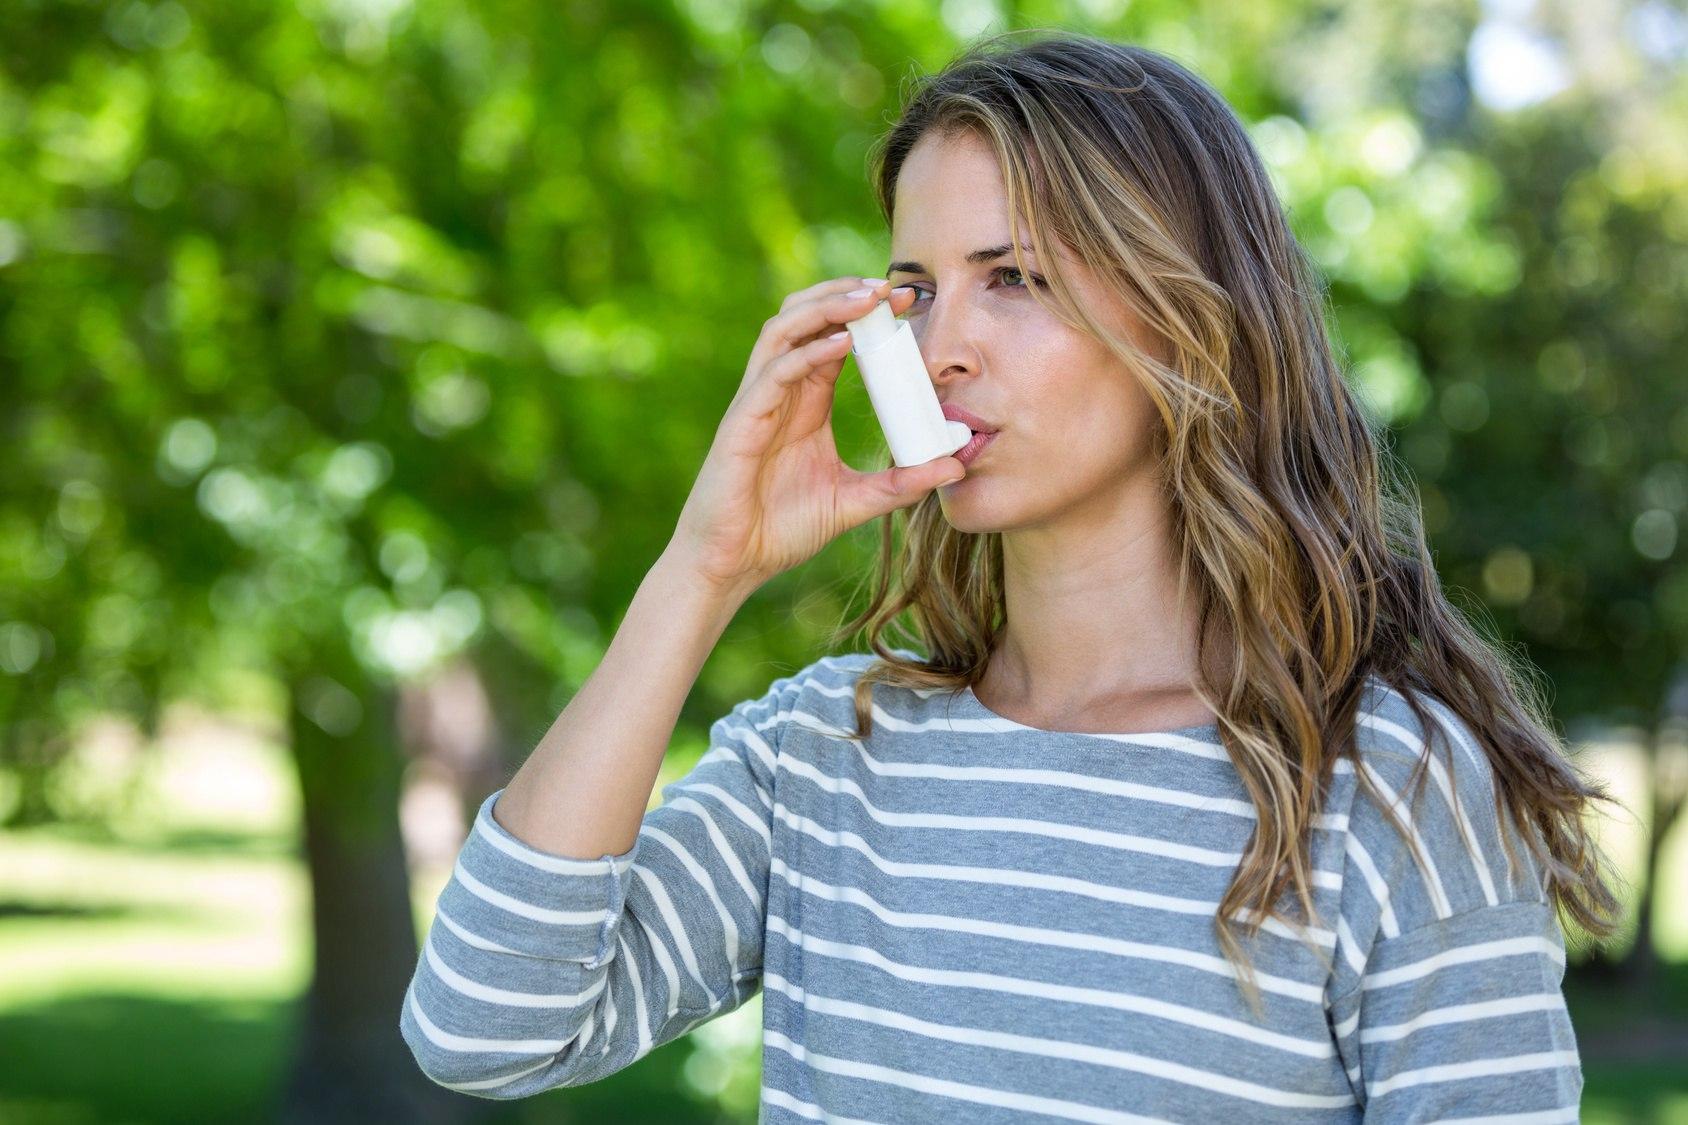 Проявления аллергии: что такое одышка при астме?